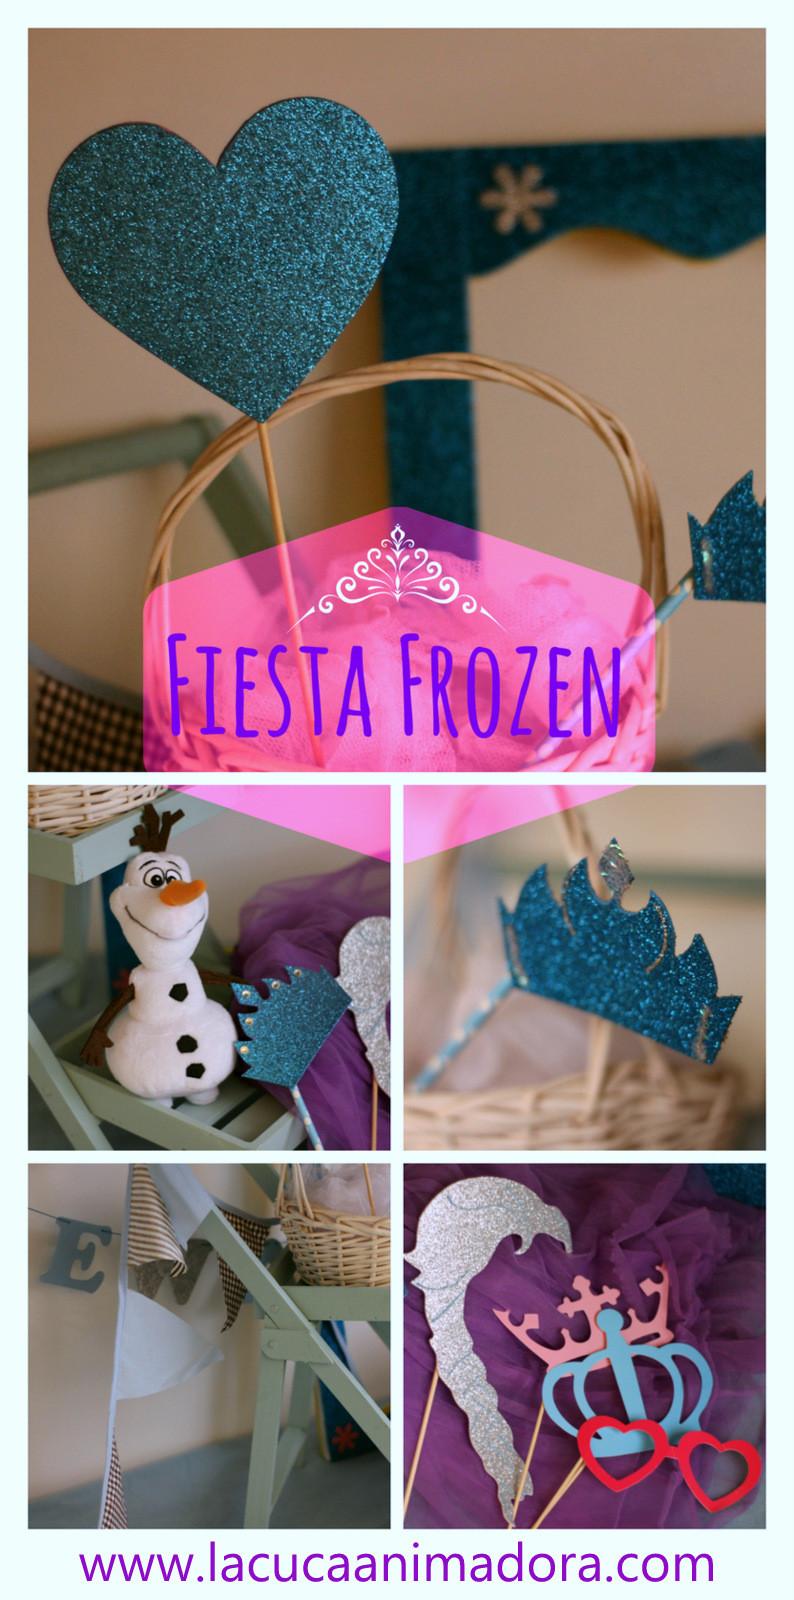 ideas para una fiesta infantil frozen, cumpleaños frozen casero, manualidades de frozen para cumpleaños, cumpleaños tematico frozen, cumpleaños frozen ideas, fiesta cumpleaños frozen, cumpleaños de frozen decoracion